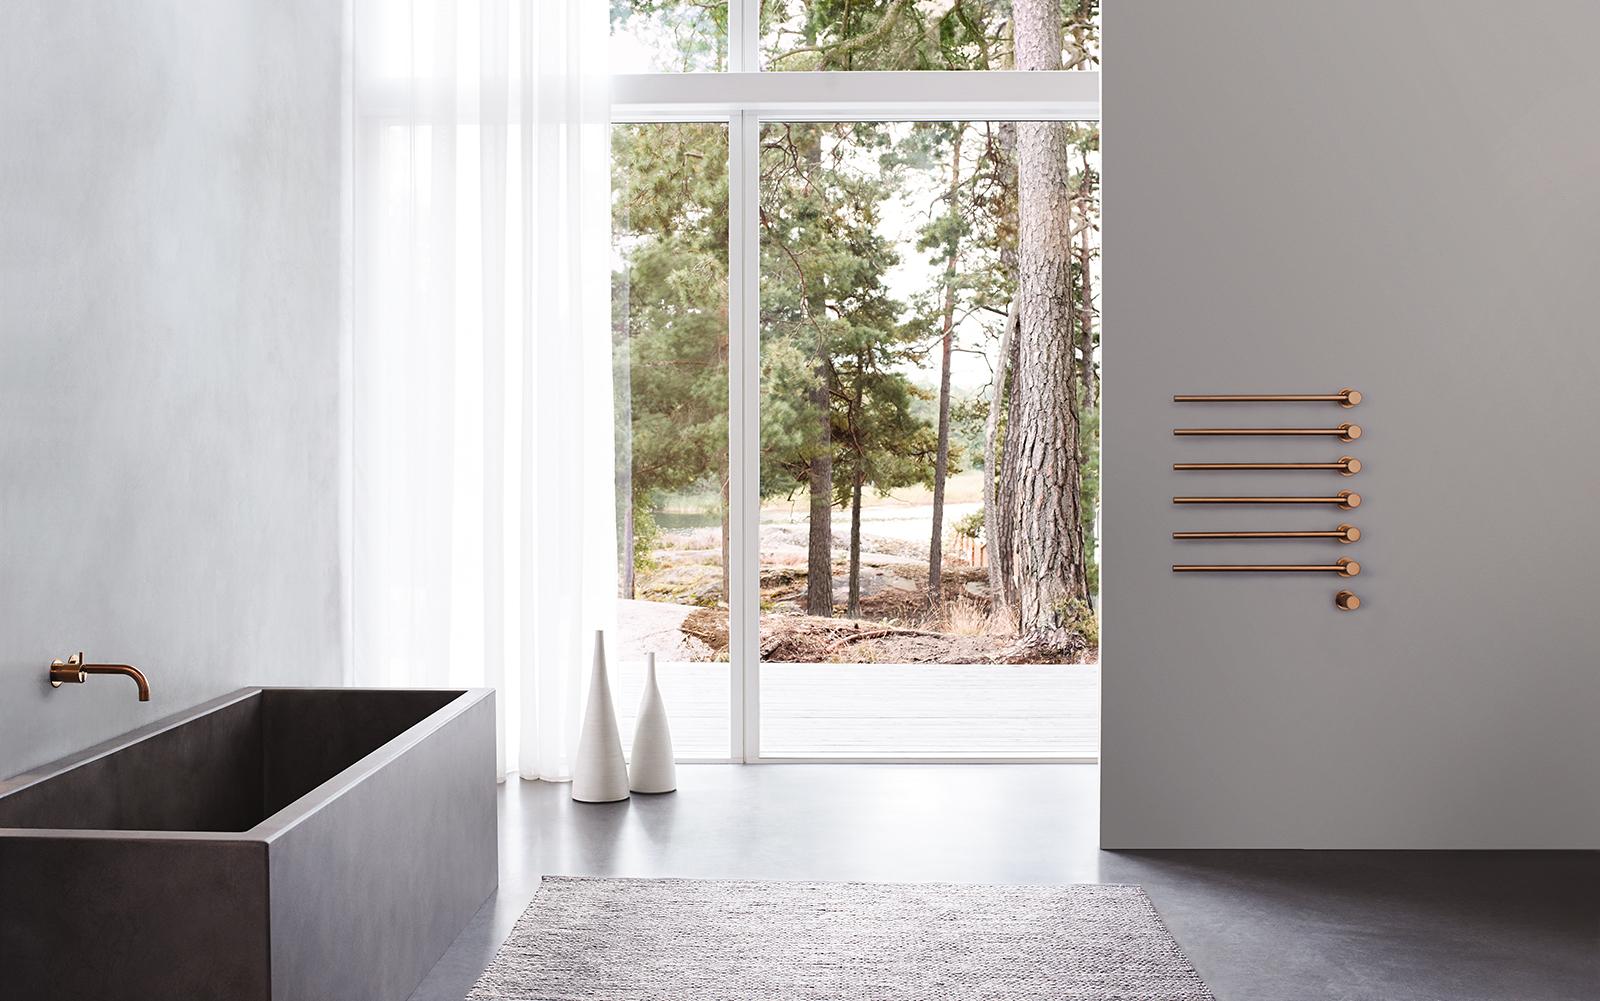 vola, luxe kranen, iconisch, design, Scandinavisch